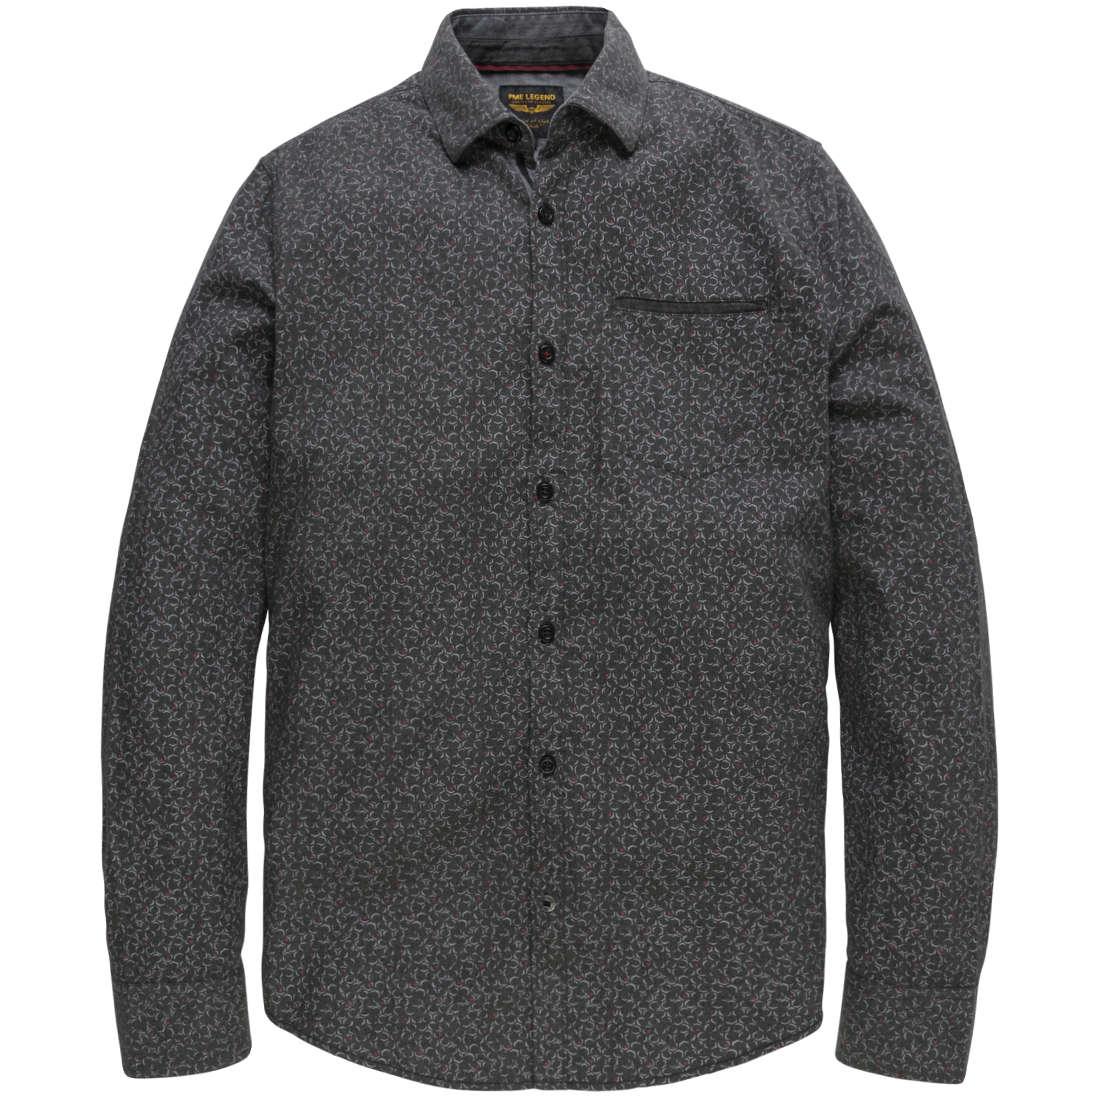 PME Legend overhemd psi186227 in het Antraciet